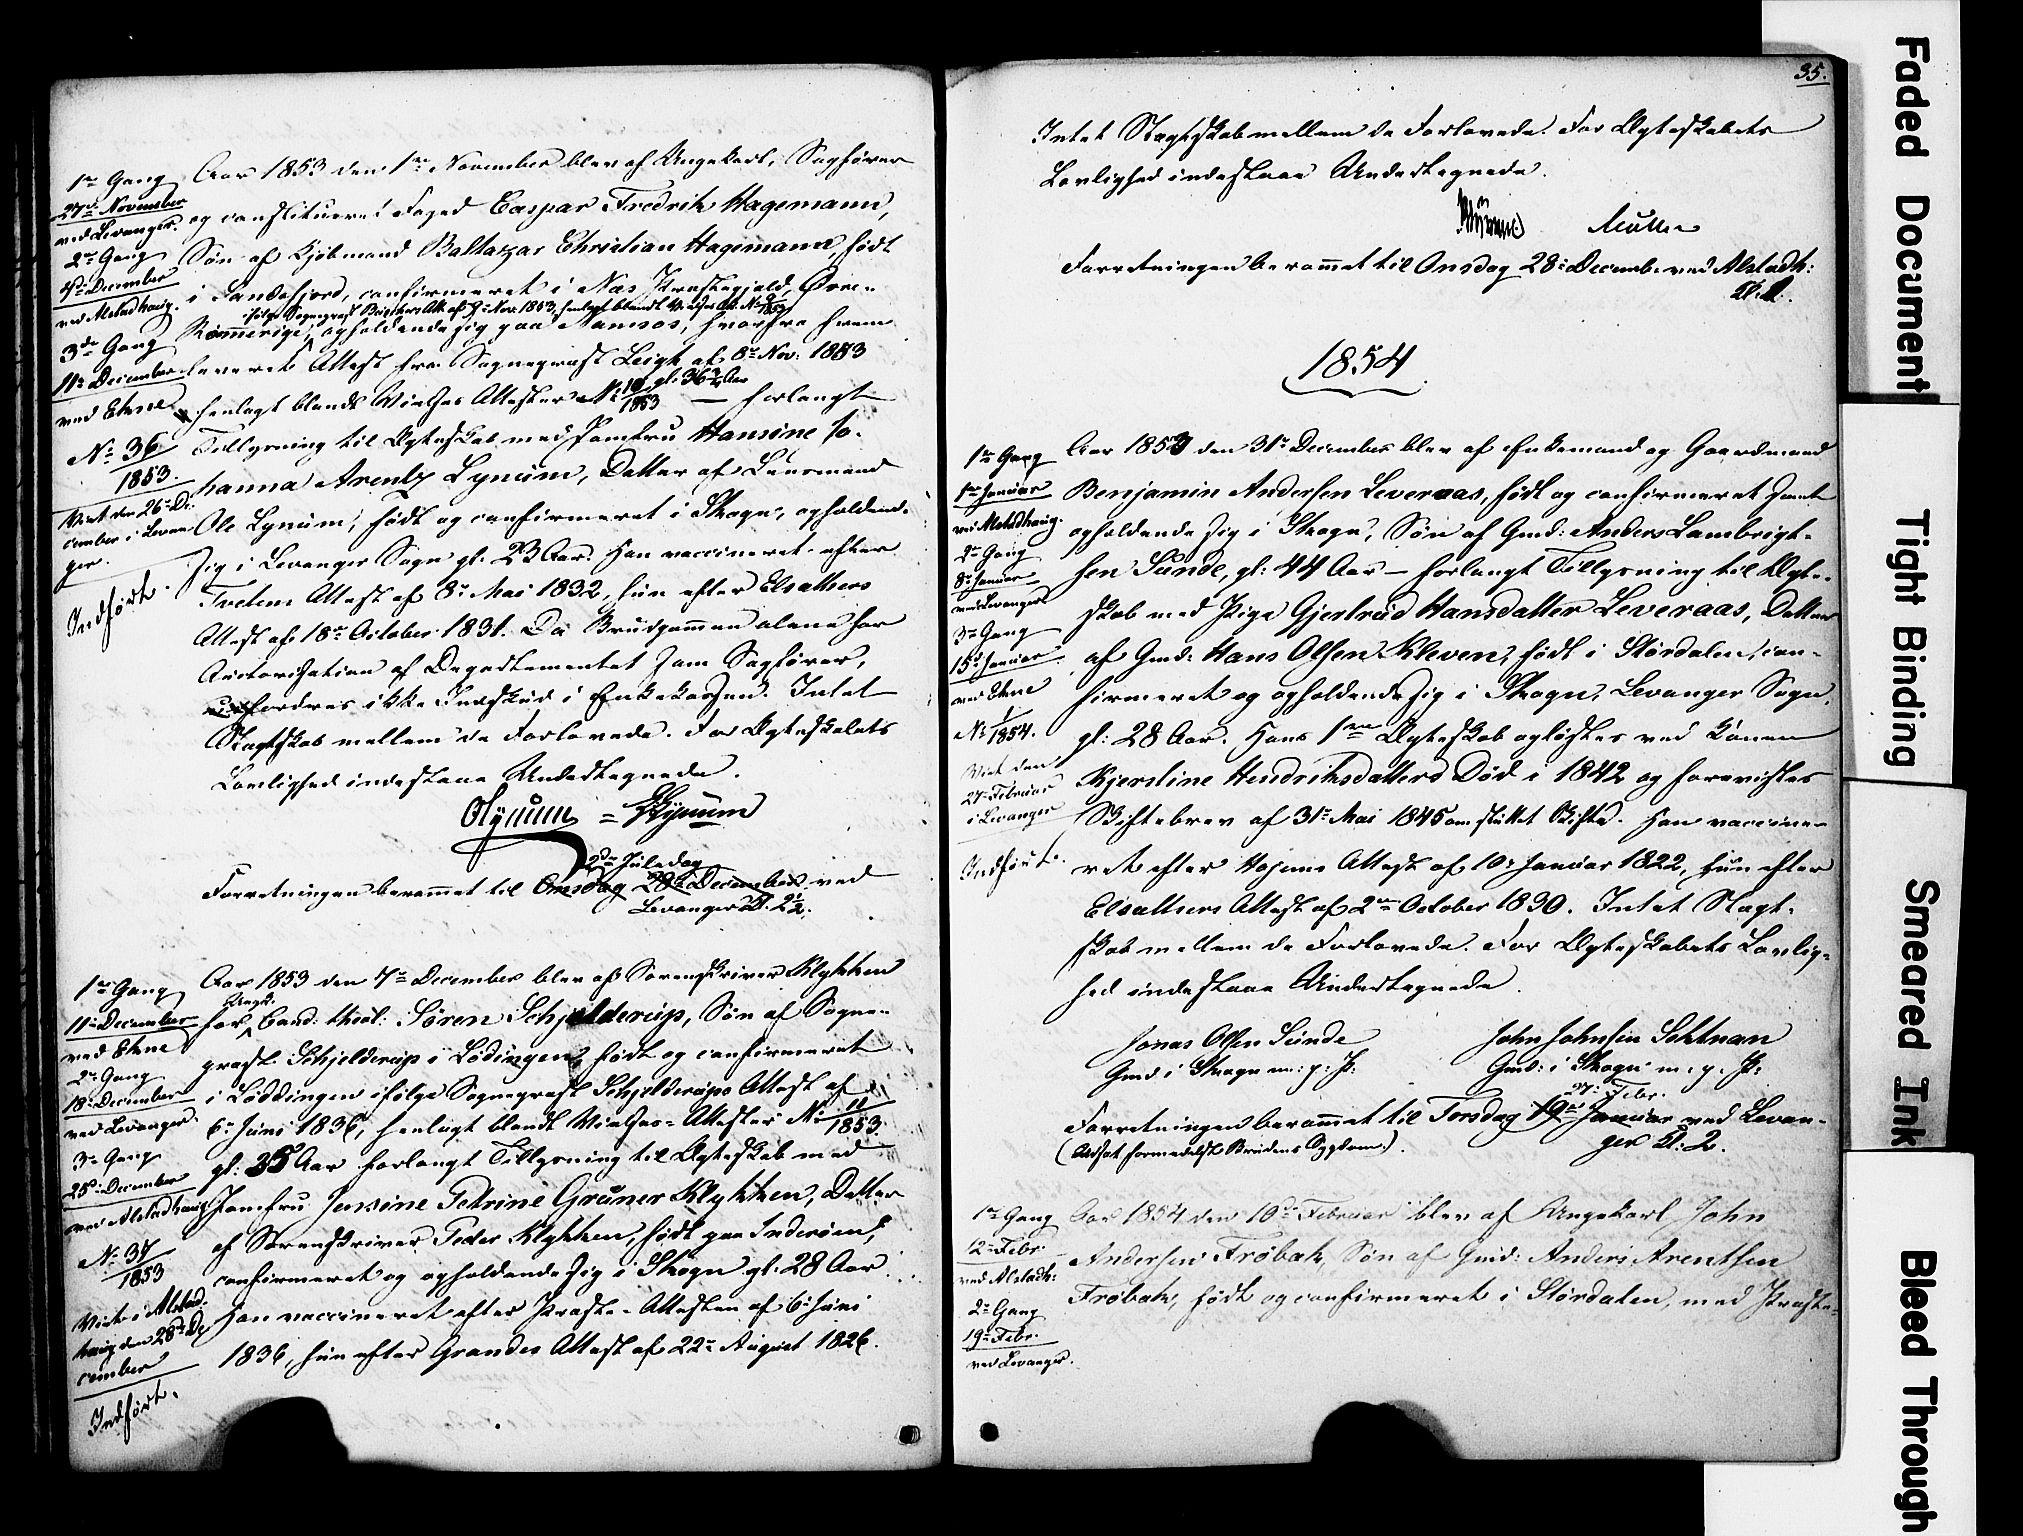 SAT, Ministerialprotokoller, klokkerbøker og fødselsregistre - Nord-Trøndelag, 717/L0161: Forlovererklæringer nr. 717A11, 1850-1895, s. 35